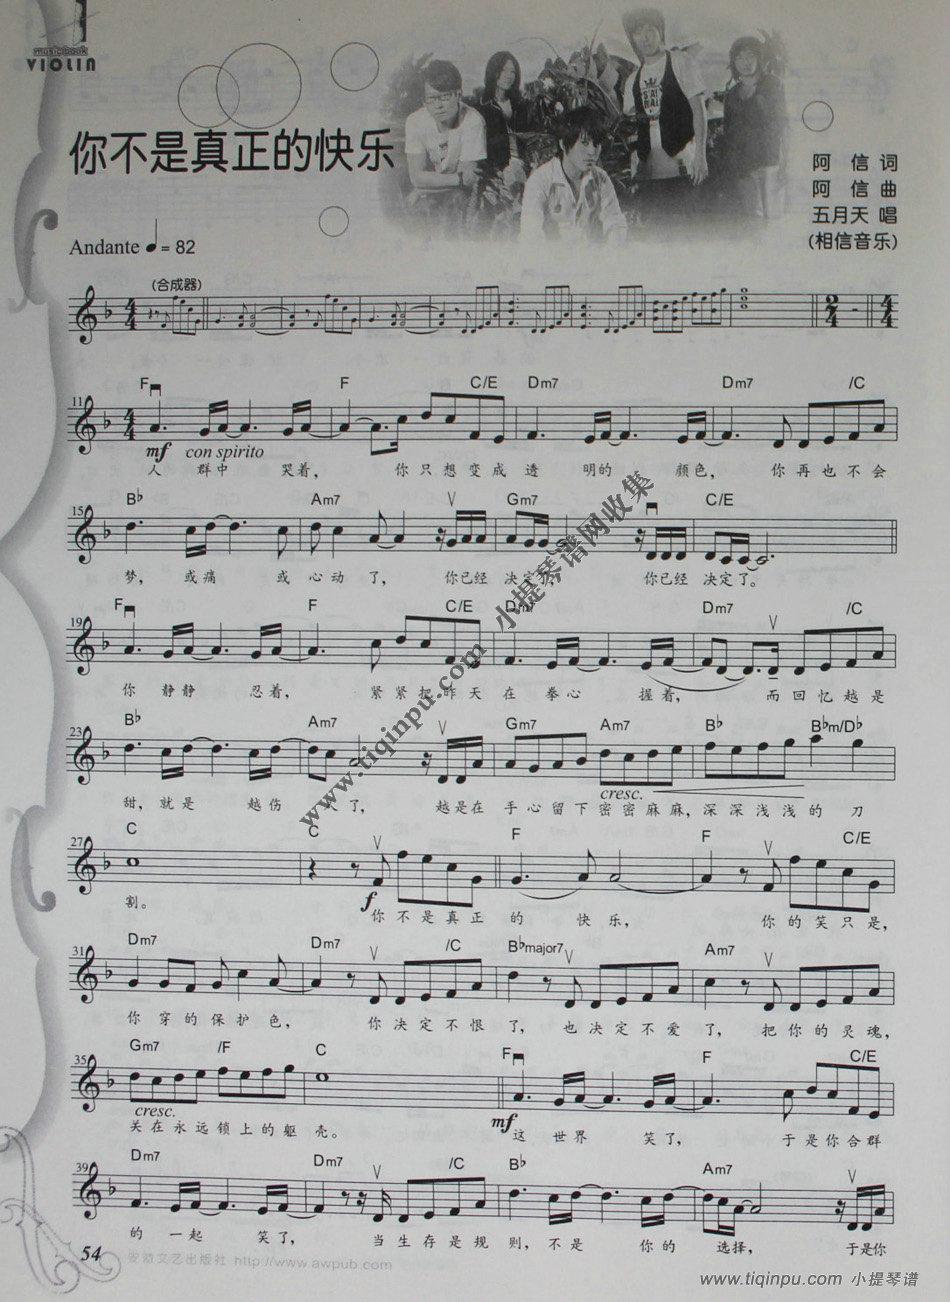 小提琴曲谱 五月天 你不是真正的快乐 高清图片